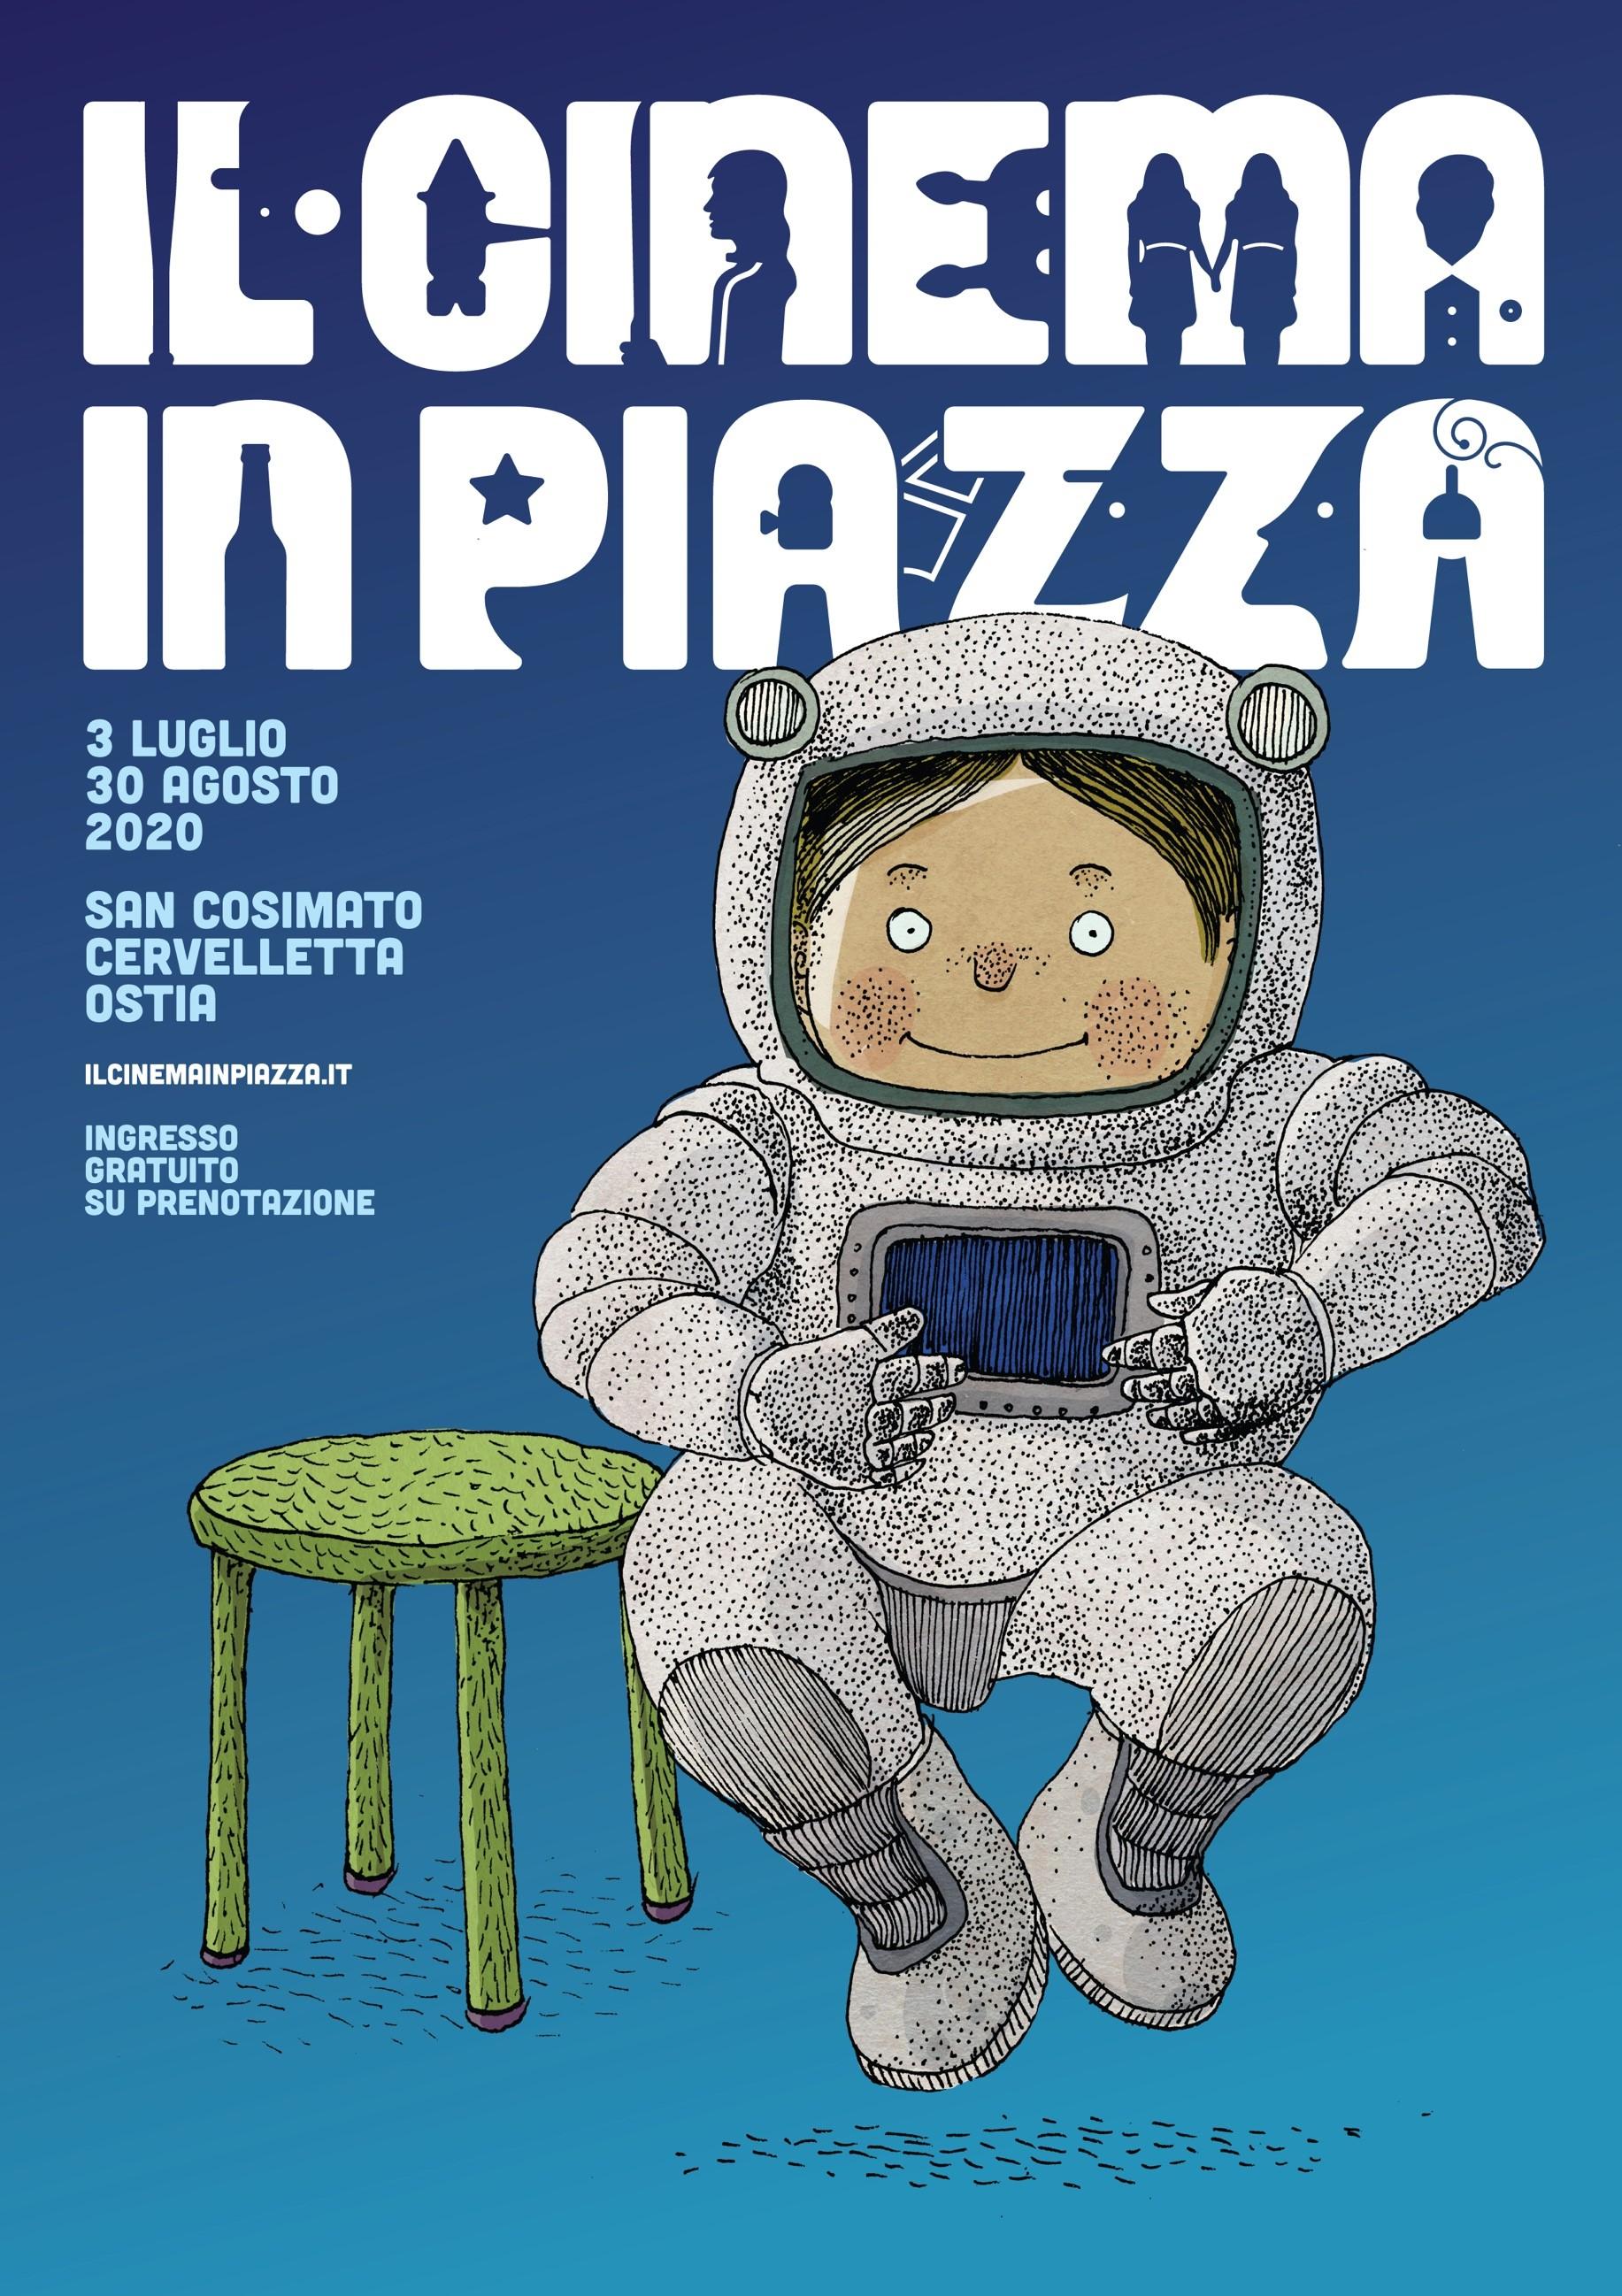 Il Cinema in Piazza: il programma completo fino al 30 agosto